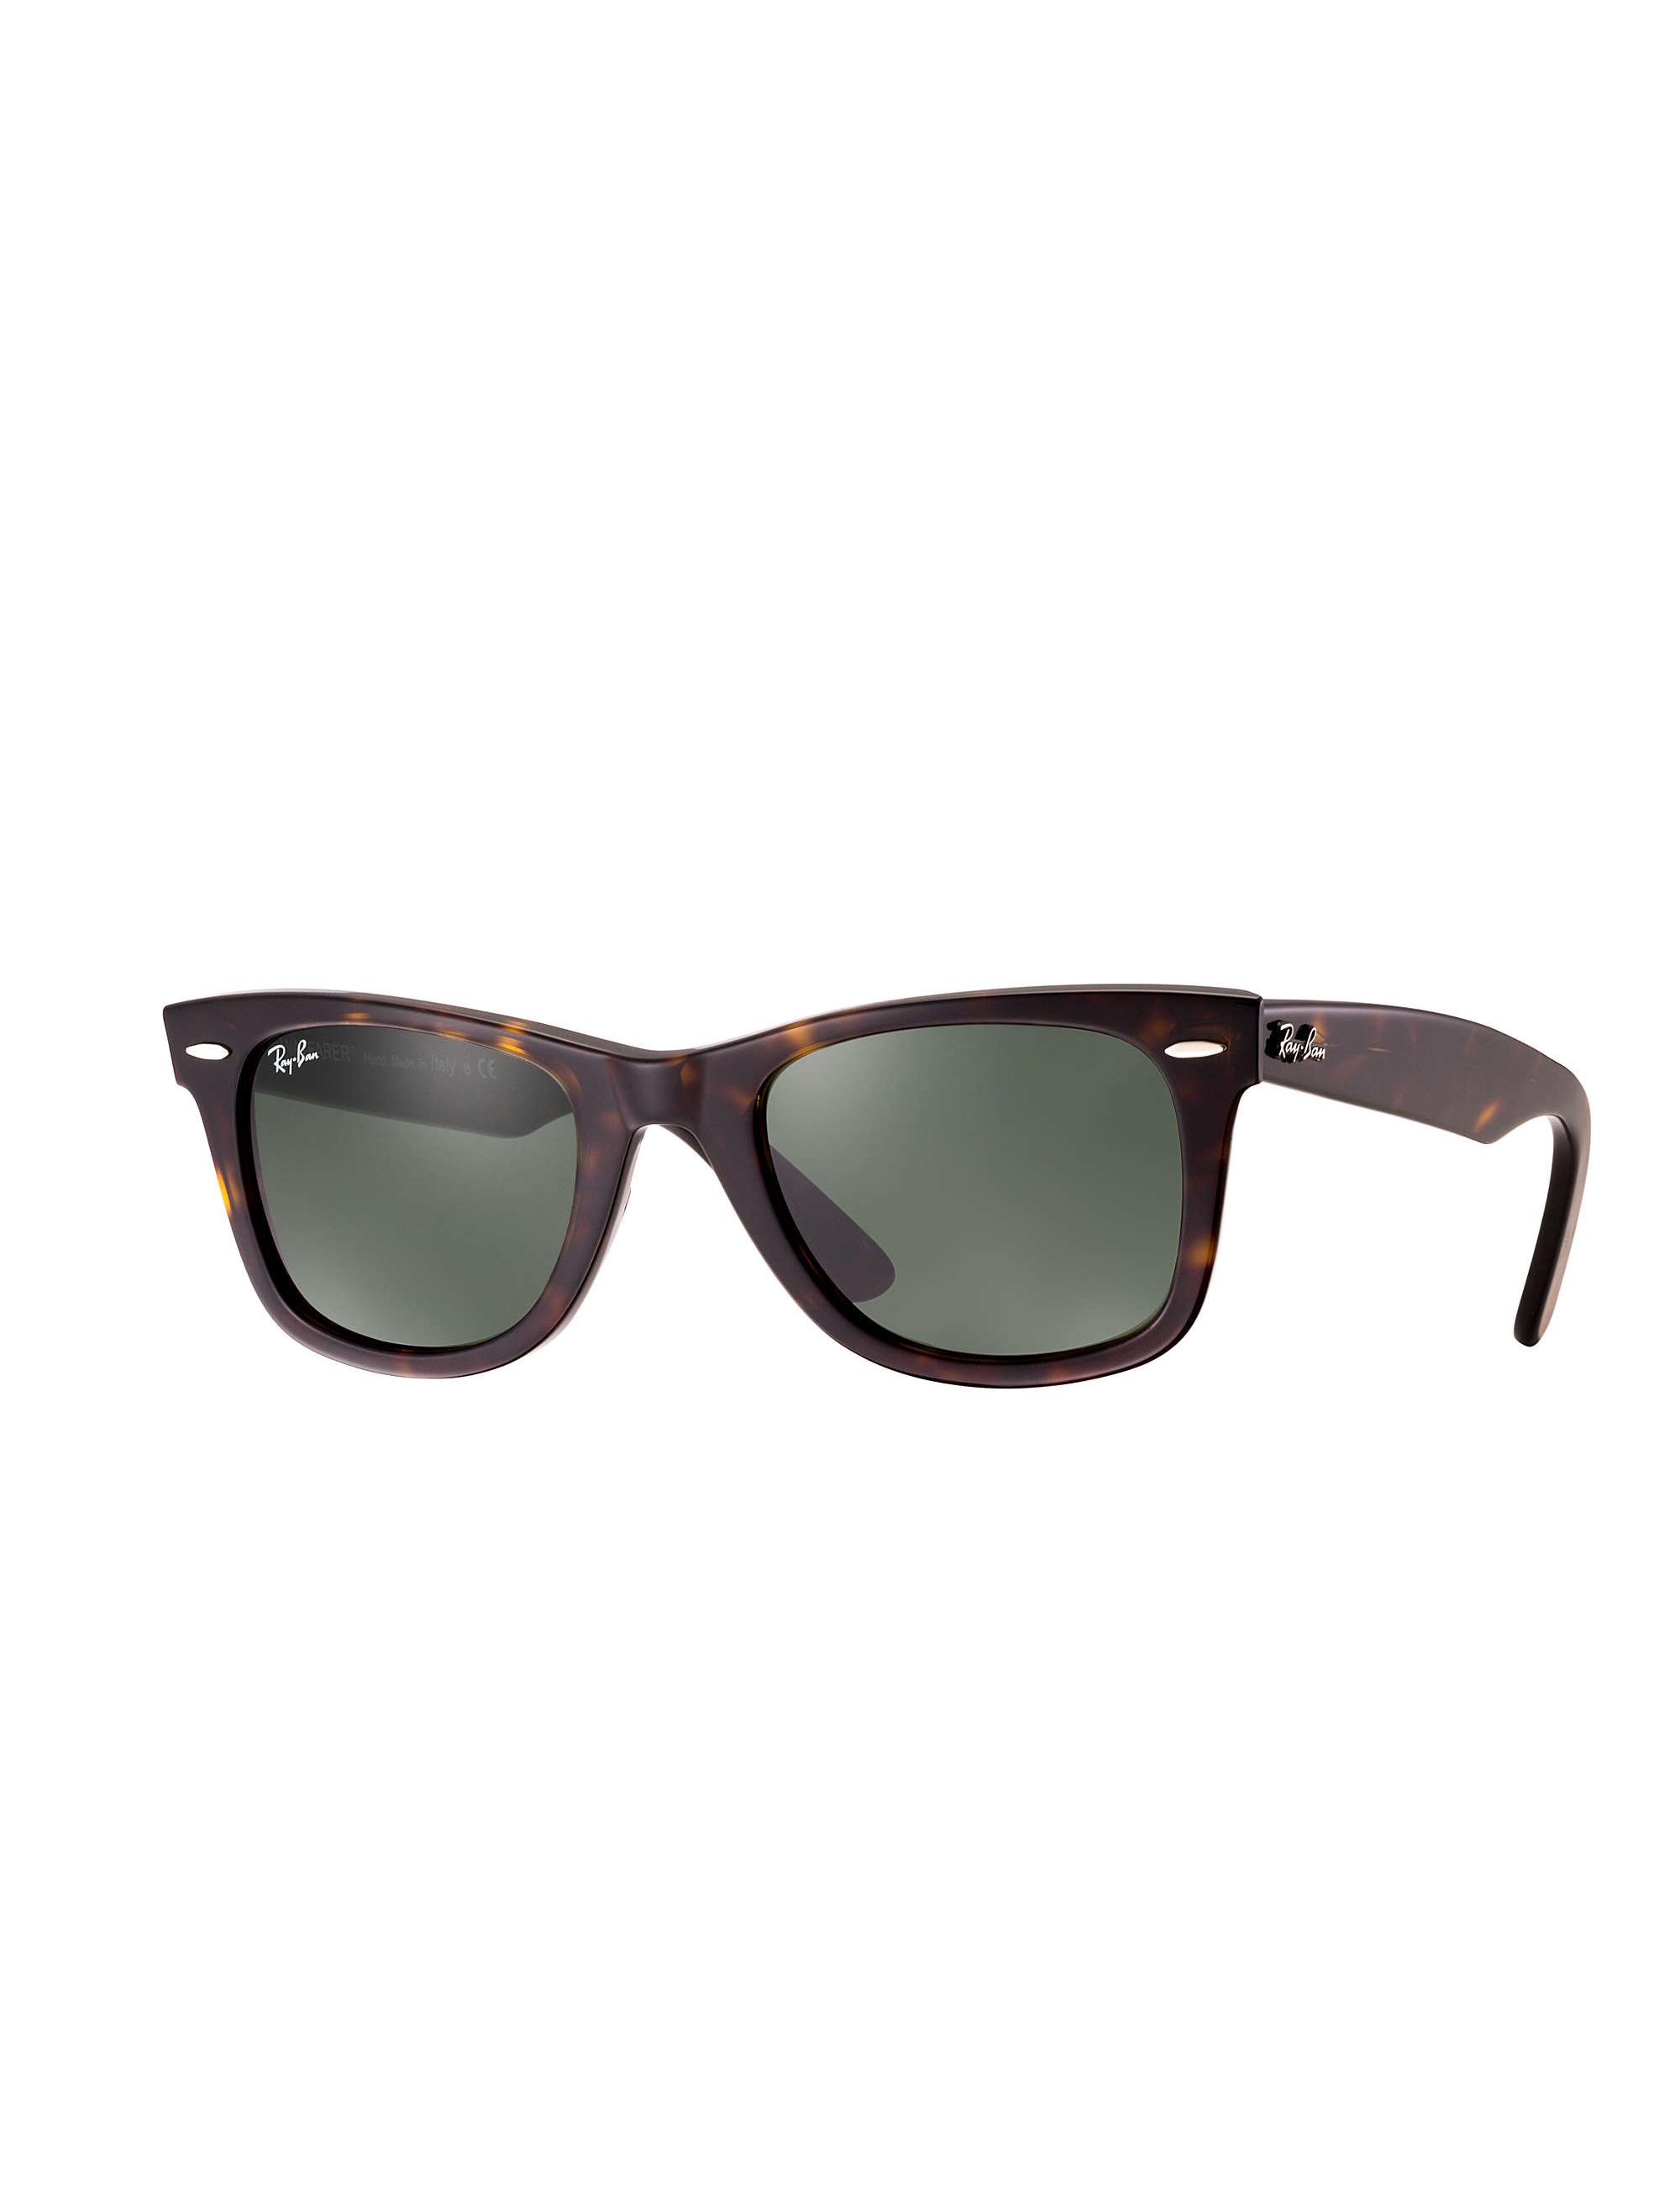 عینک آفتابی ری بن مدل 2140-902